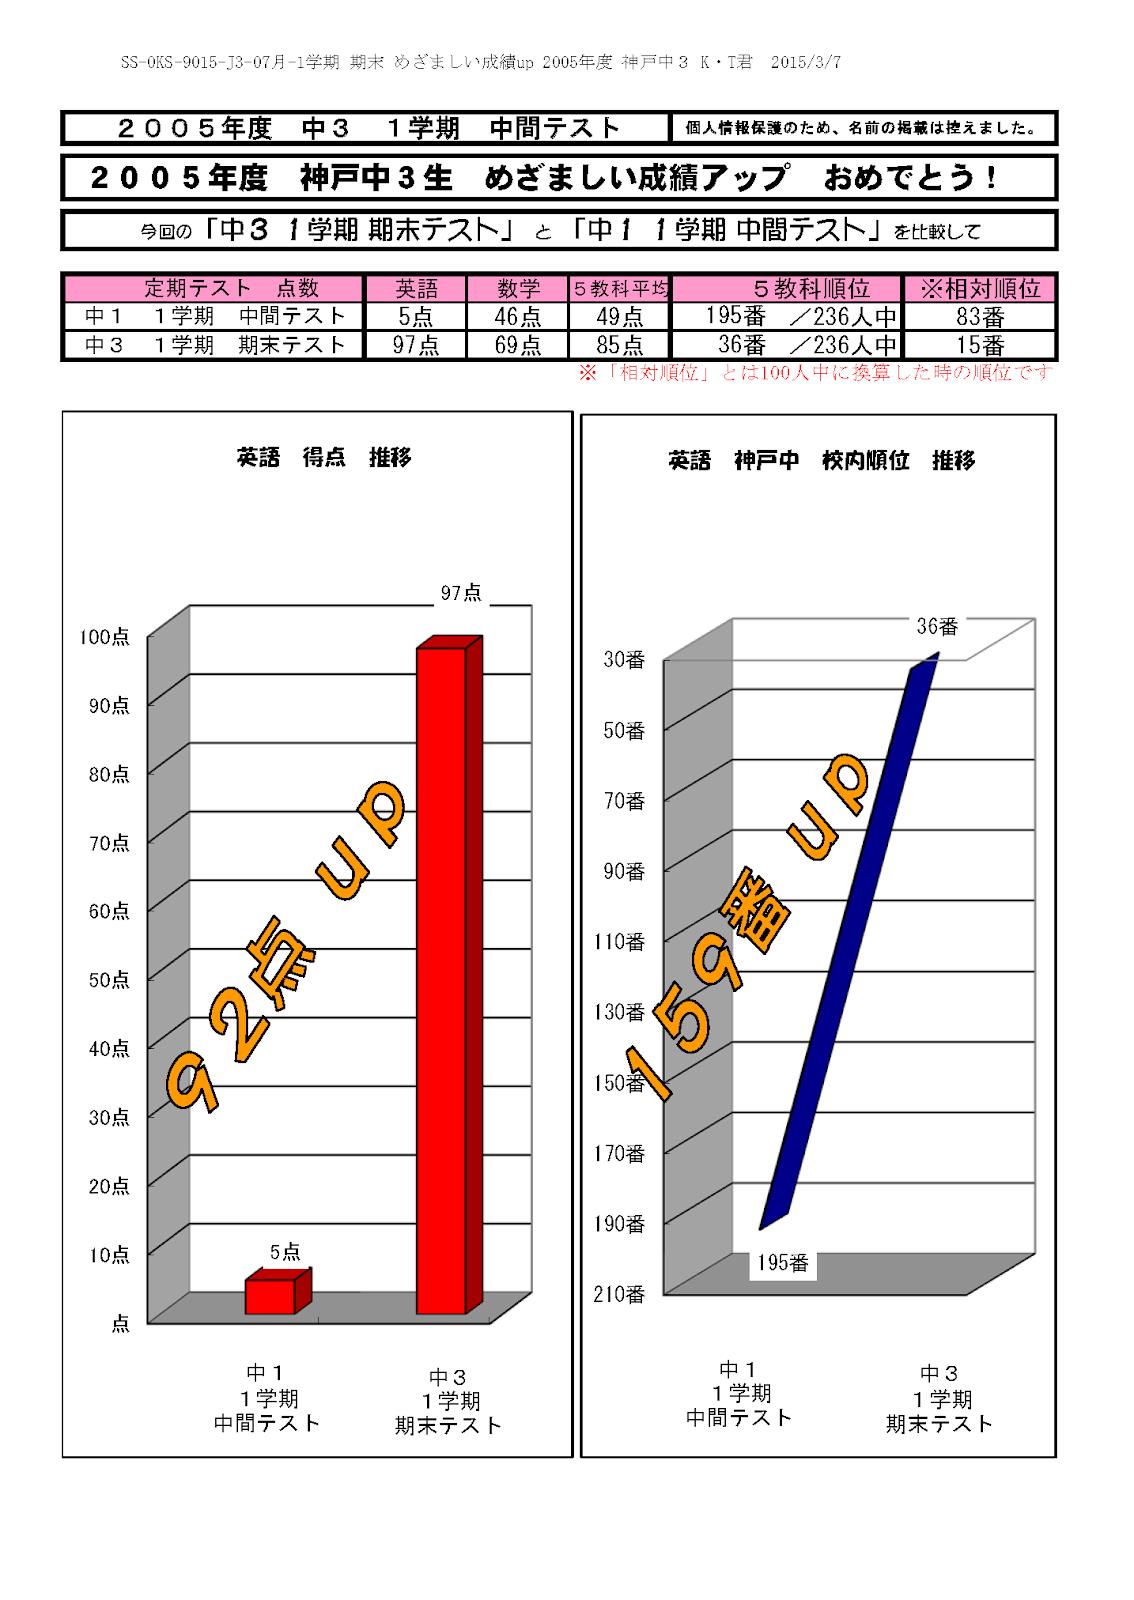 かとうたかまさ 2005年07月 中3 1学期 期末 1.めざましい成績UP 英語 95点UP.png